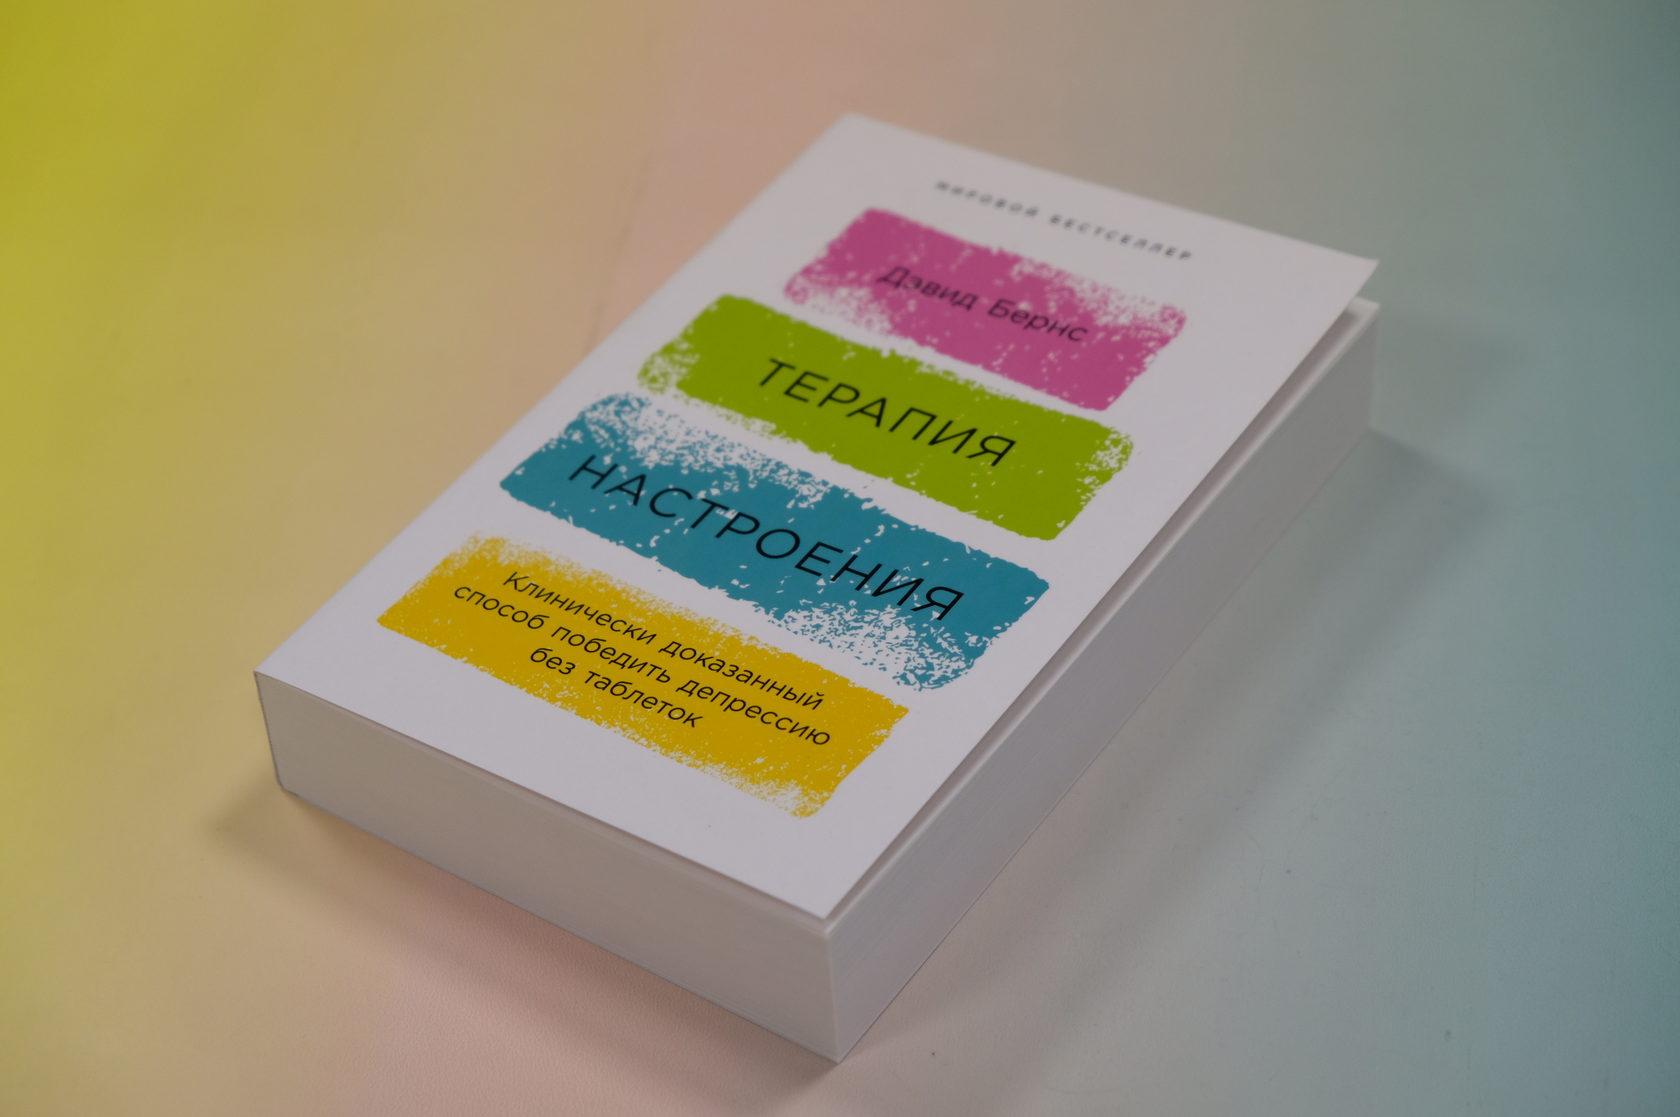 Купить книгу Дэвид Бернс «Терапия настроения. Клинически доказанный способ победить депрессию без таблеток»